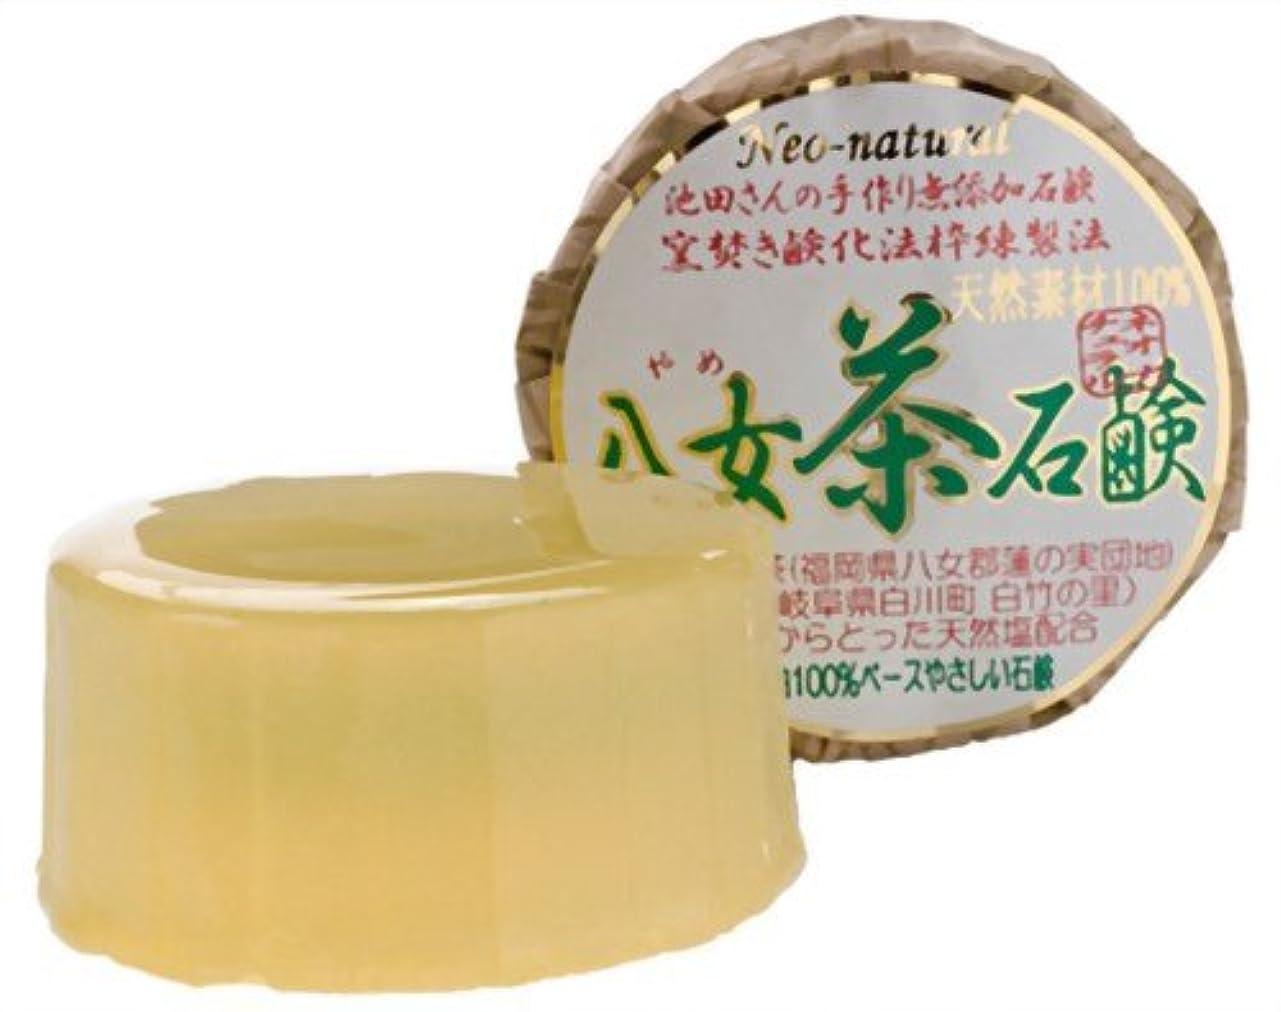 ひどく排出隠ネオナチュラル 池田さんの八女茶石鹸 80g